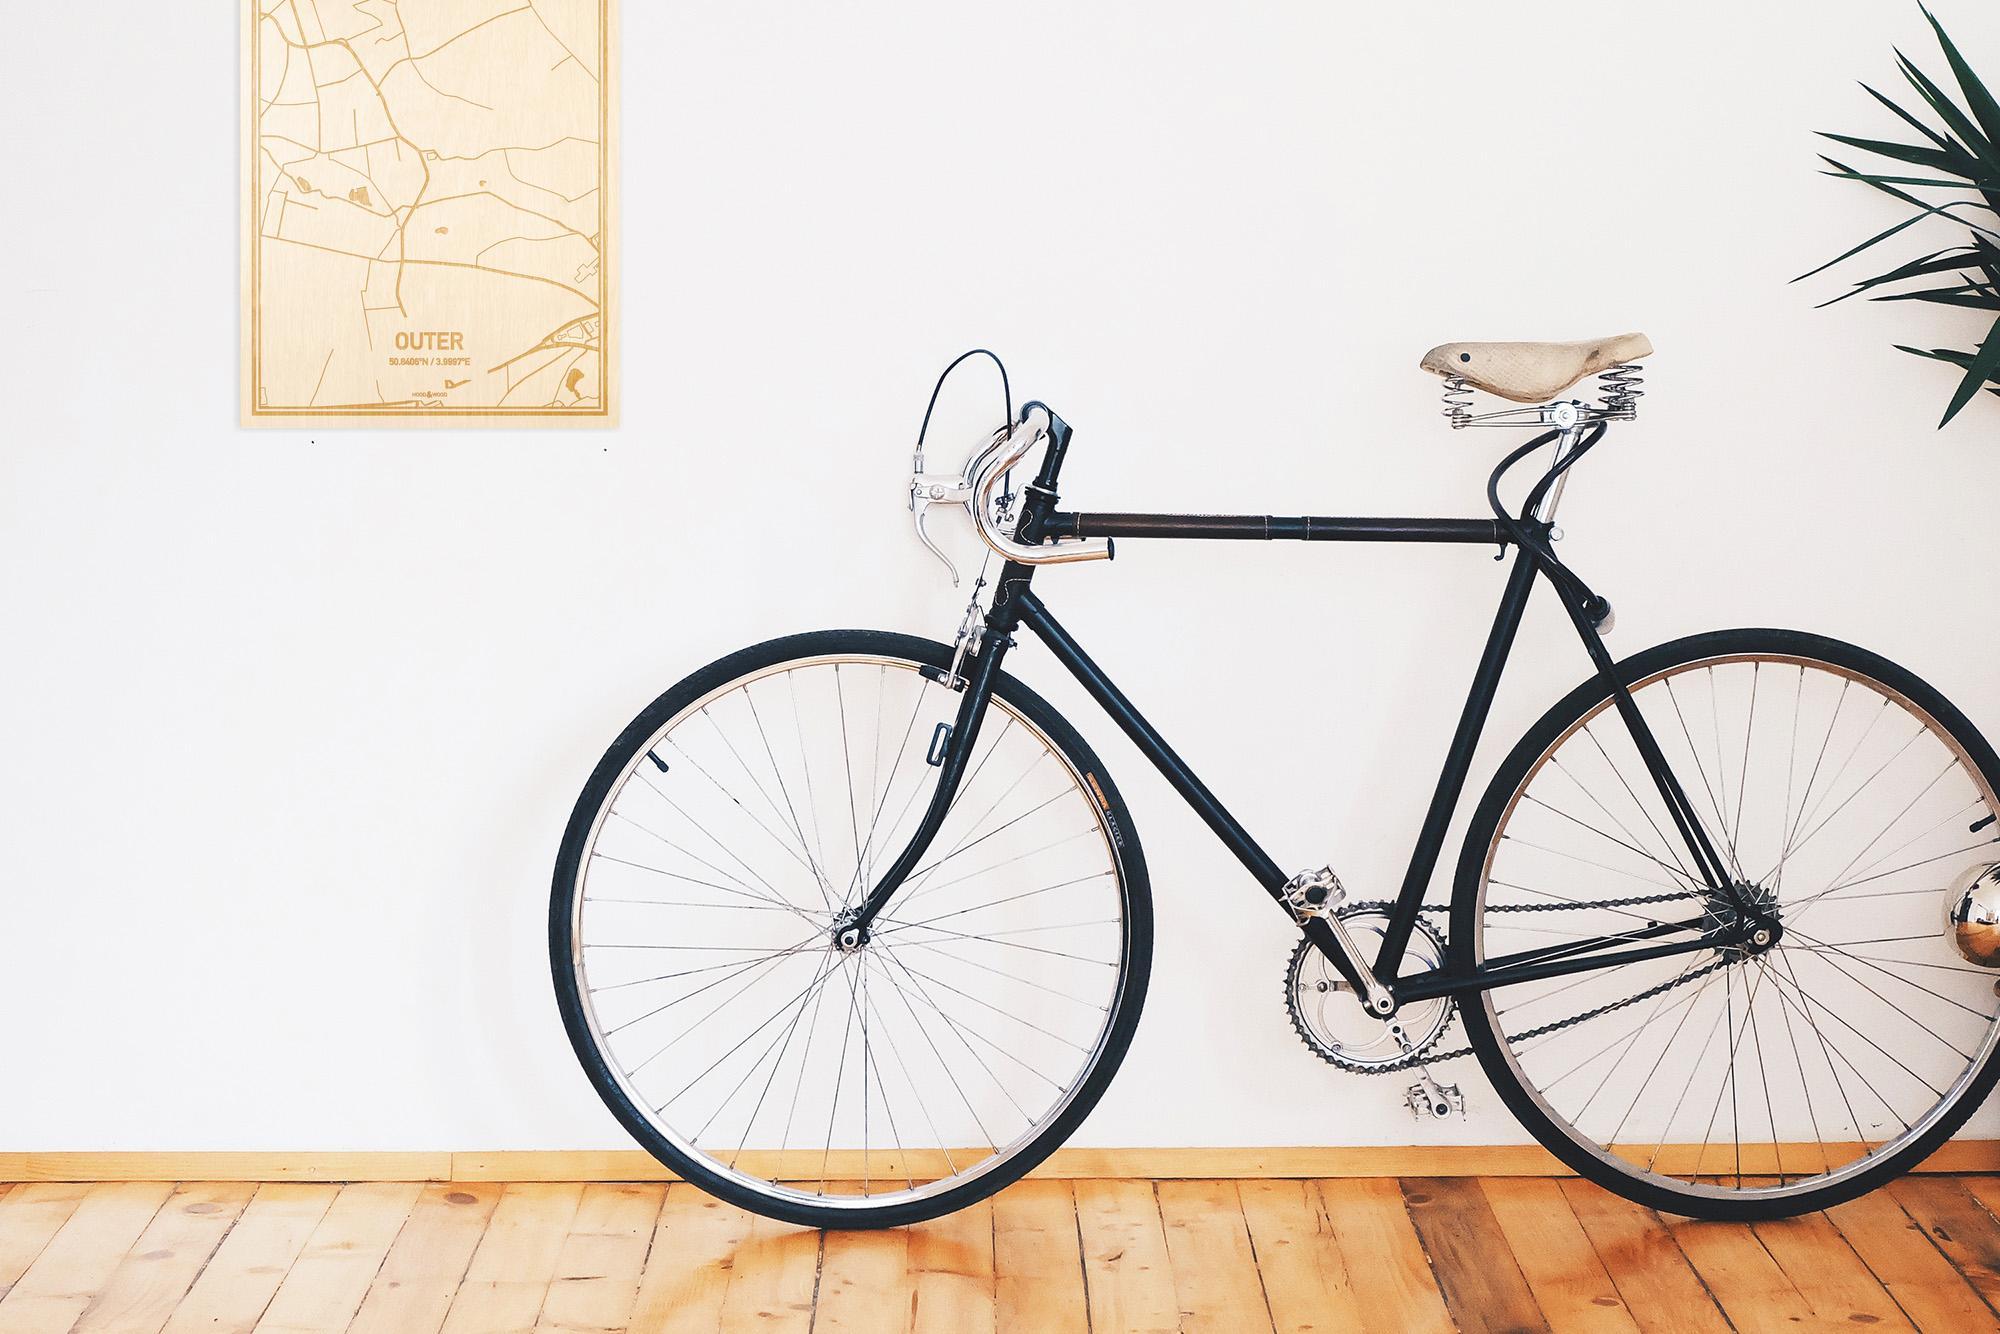 Een snelle fiets in een uniek interieur in Oost-Vlaanderen  met mooie decoratie zoals de plattegrond Outer.